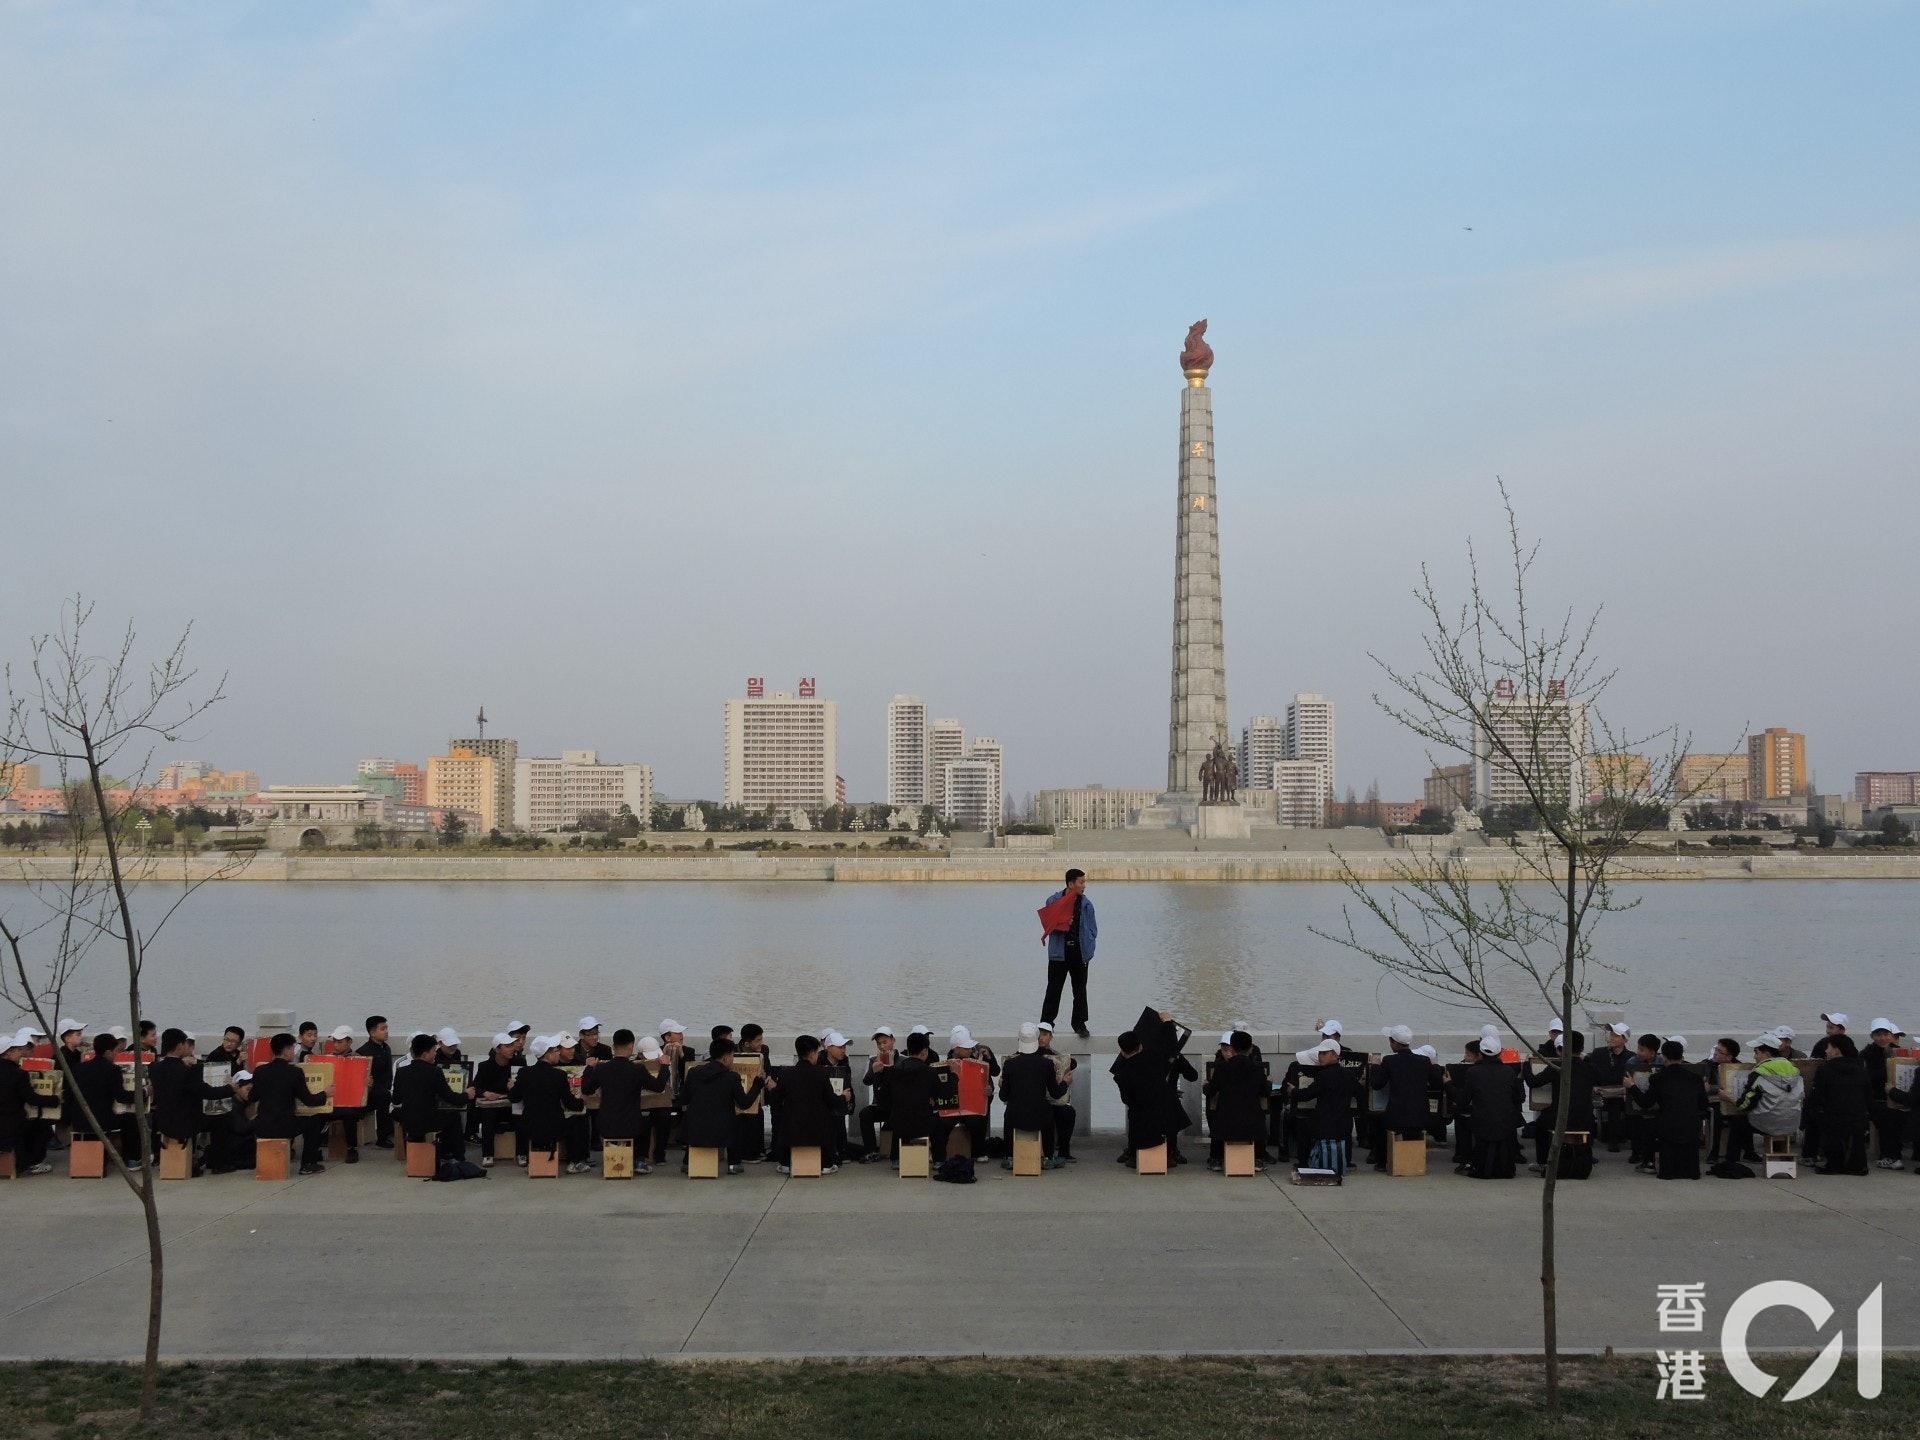 在江邊偶然看到阿里郎大匯演綵排,這種練習可能是當地人日常生活一部分。(歐陽翠詩攝)